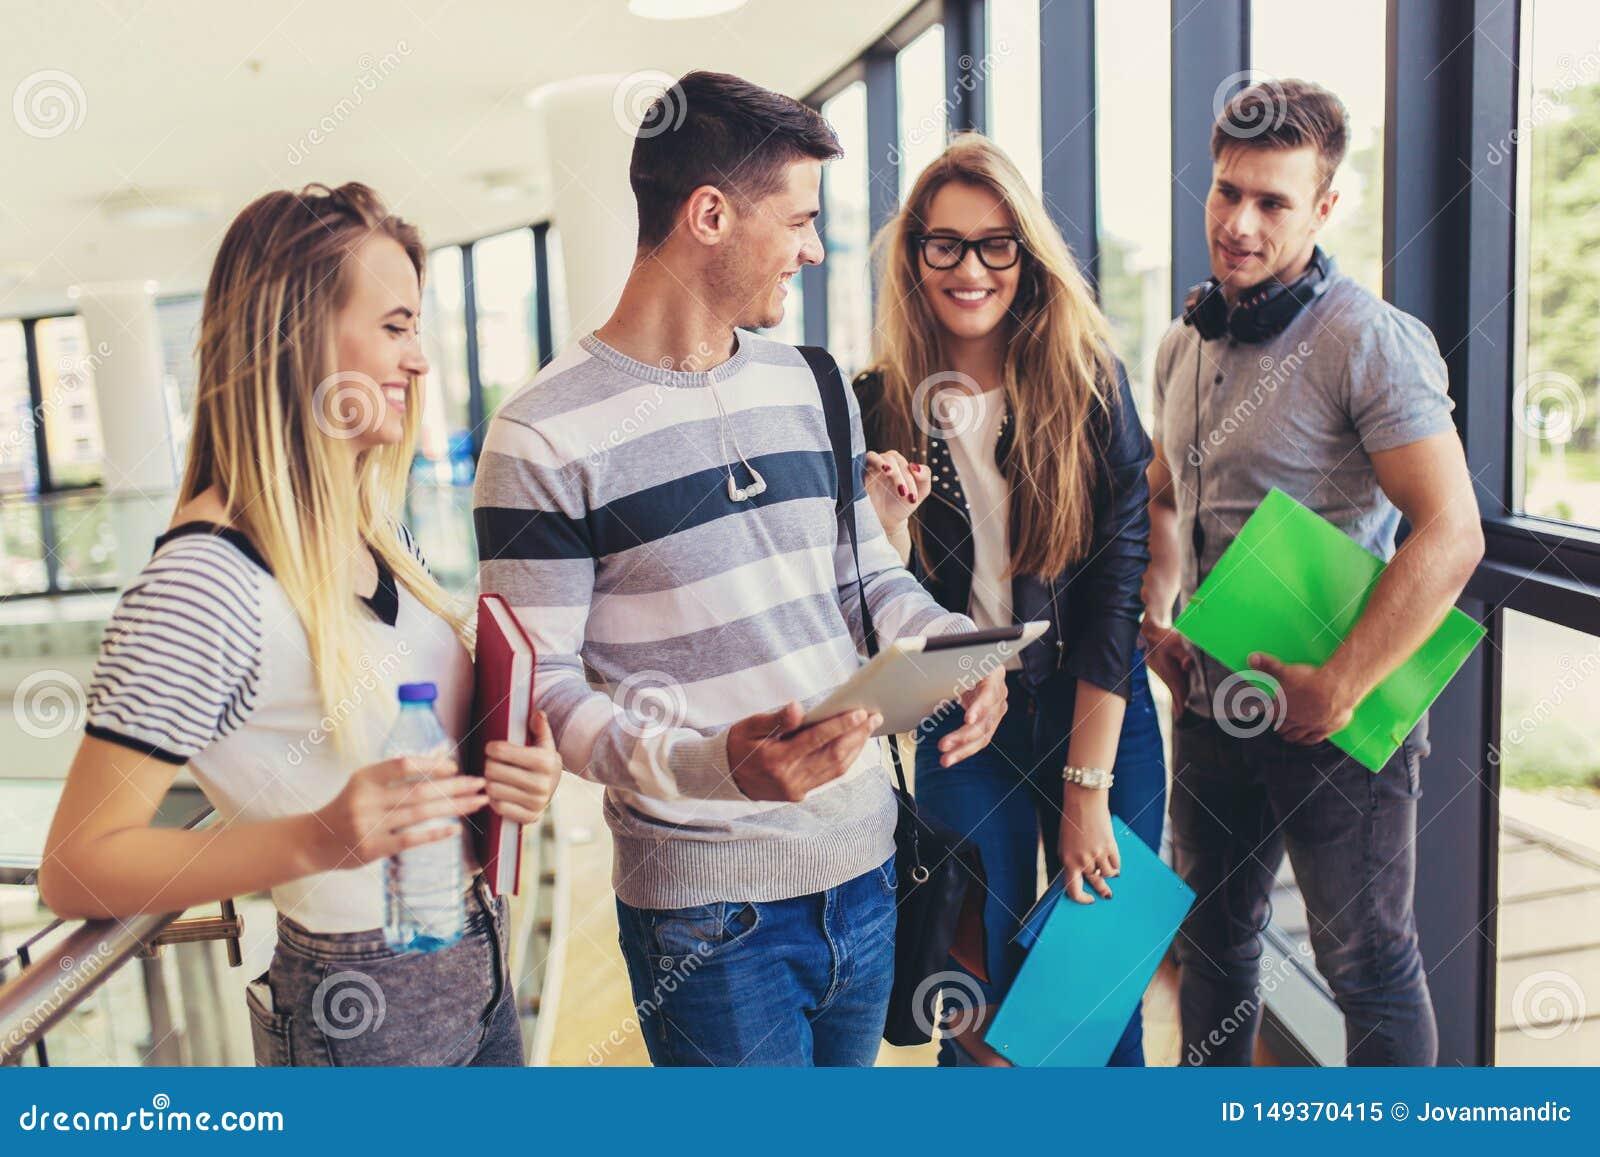 La gente joven est? estudiando junta en universidad